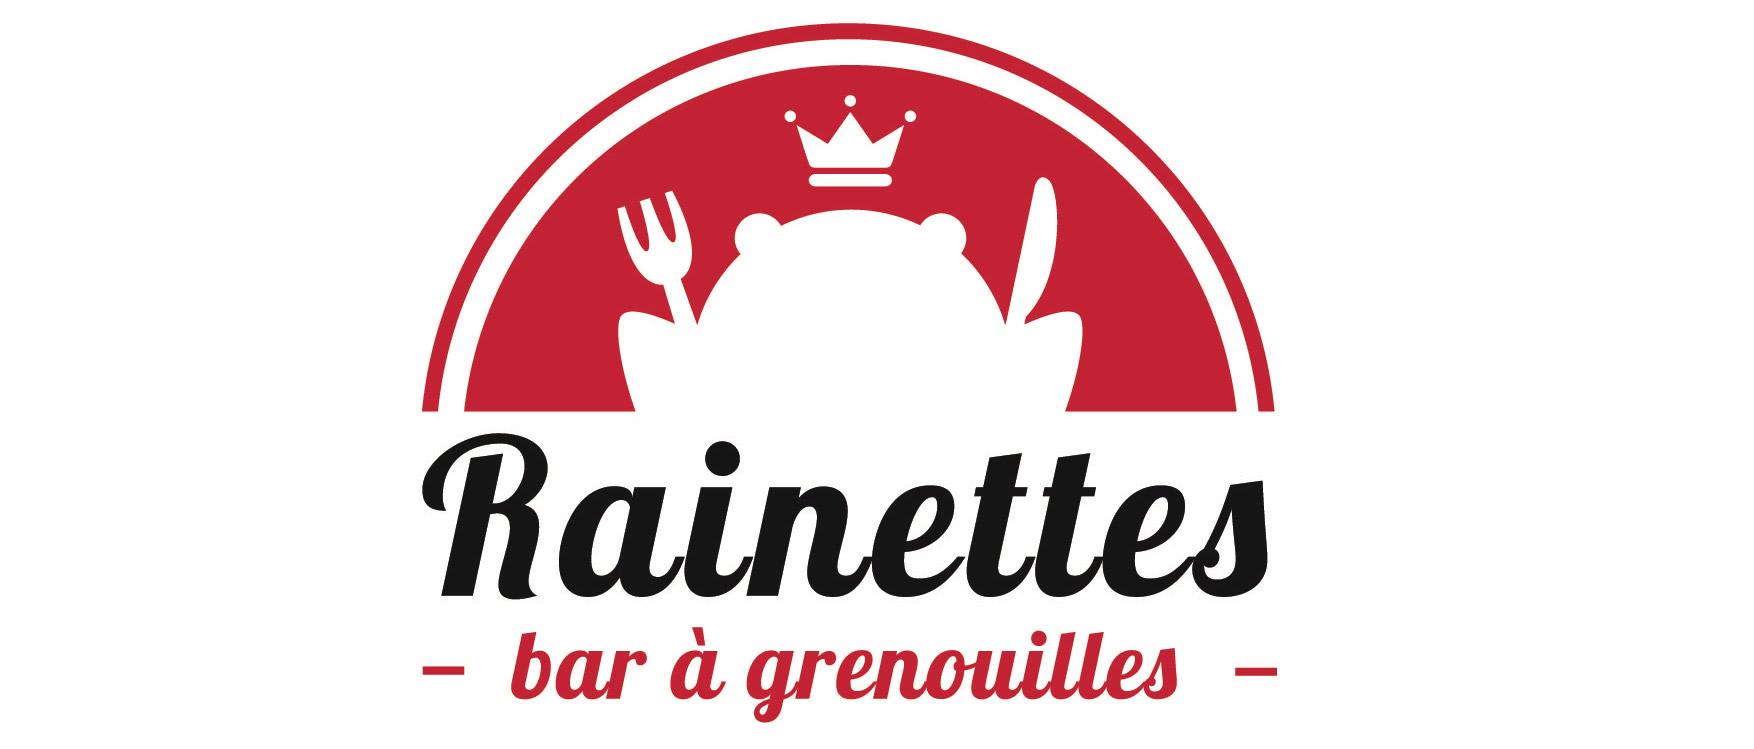 Rainettes